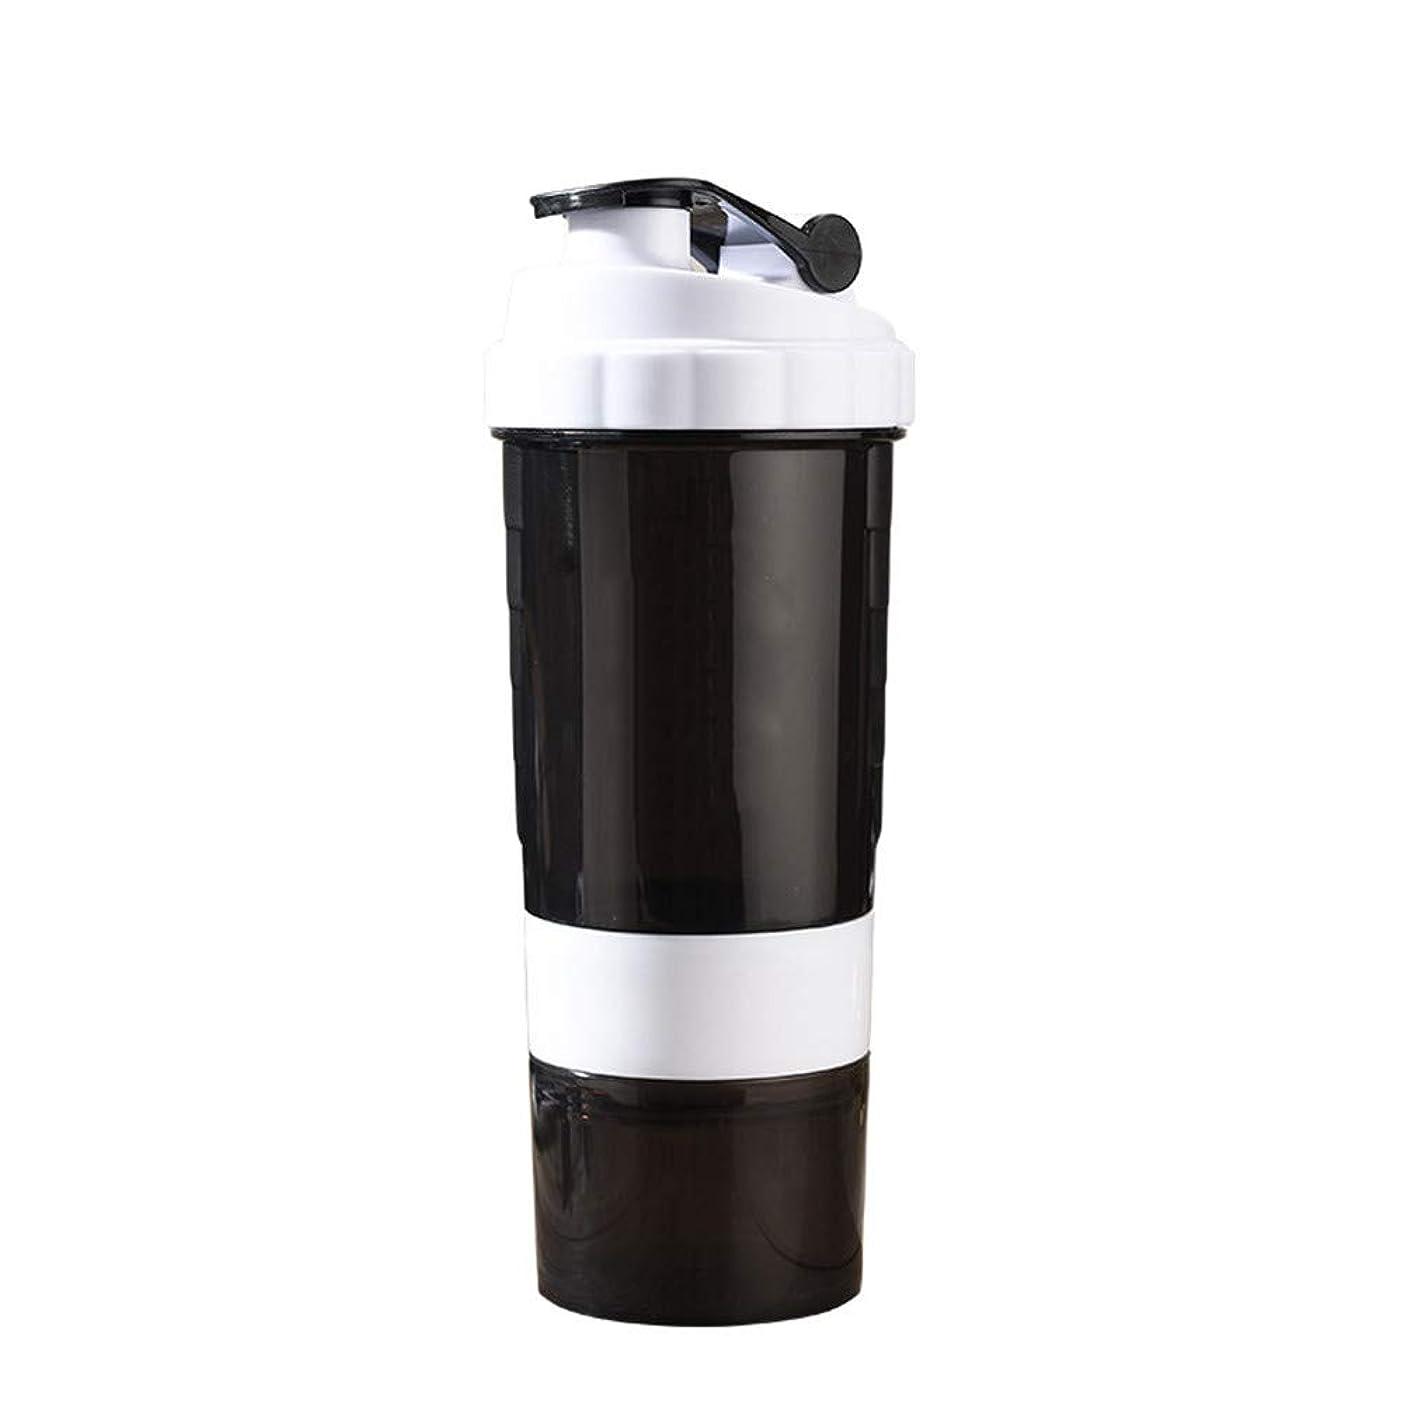 パトロン刈る不純ミルクセーキ シェイクカップフ[ 最新デザイン ] 多層タンパク質粉末 シェイクカップフ ィット ネススポ ーツウォーターボトル 旋風やかんミルク スケールティーカップ